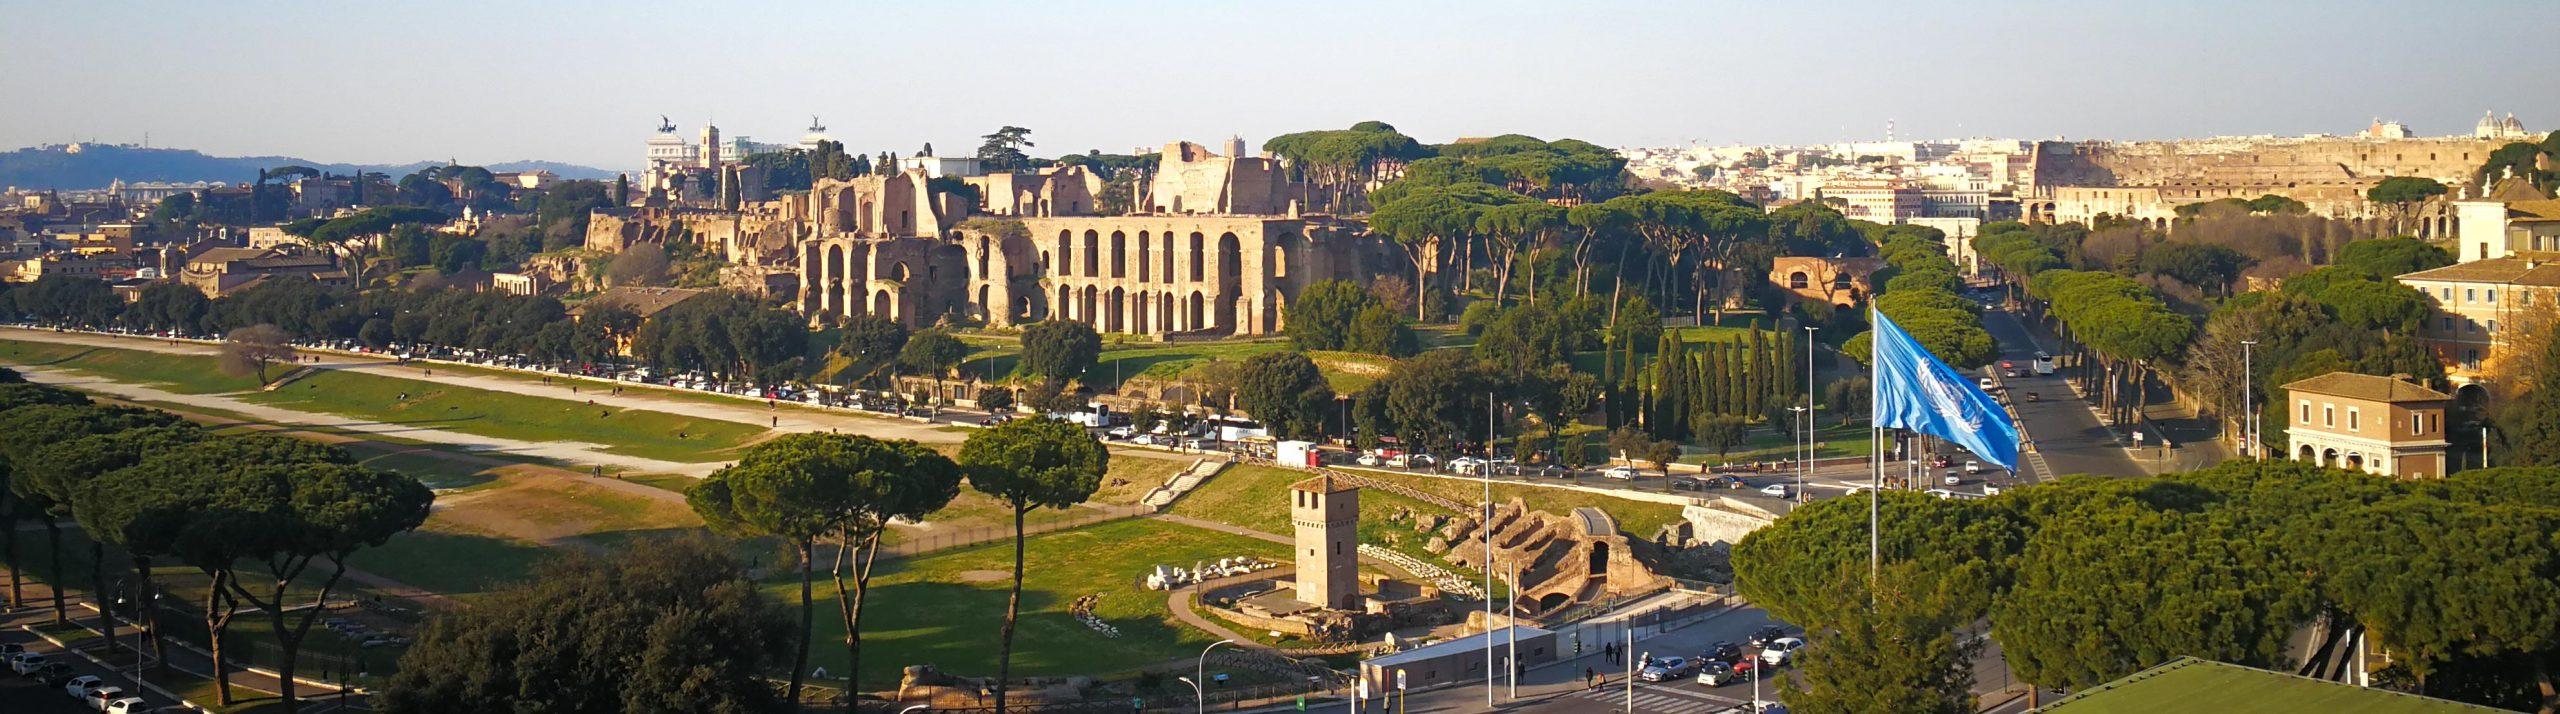 Utsikt över Rom med FAO:s flagga i förgrunden och Circo Maximo i bakgrunden.